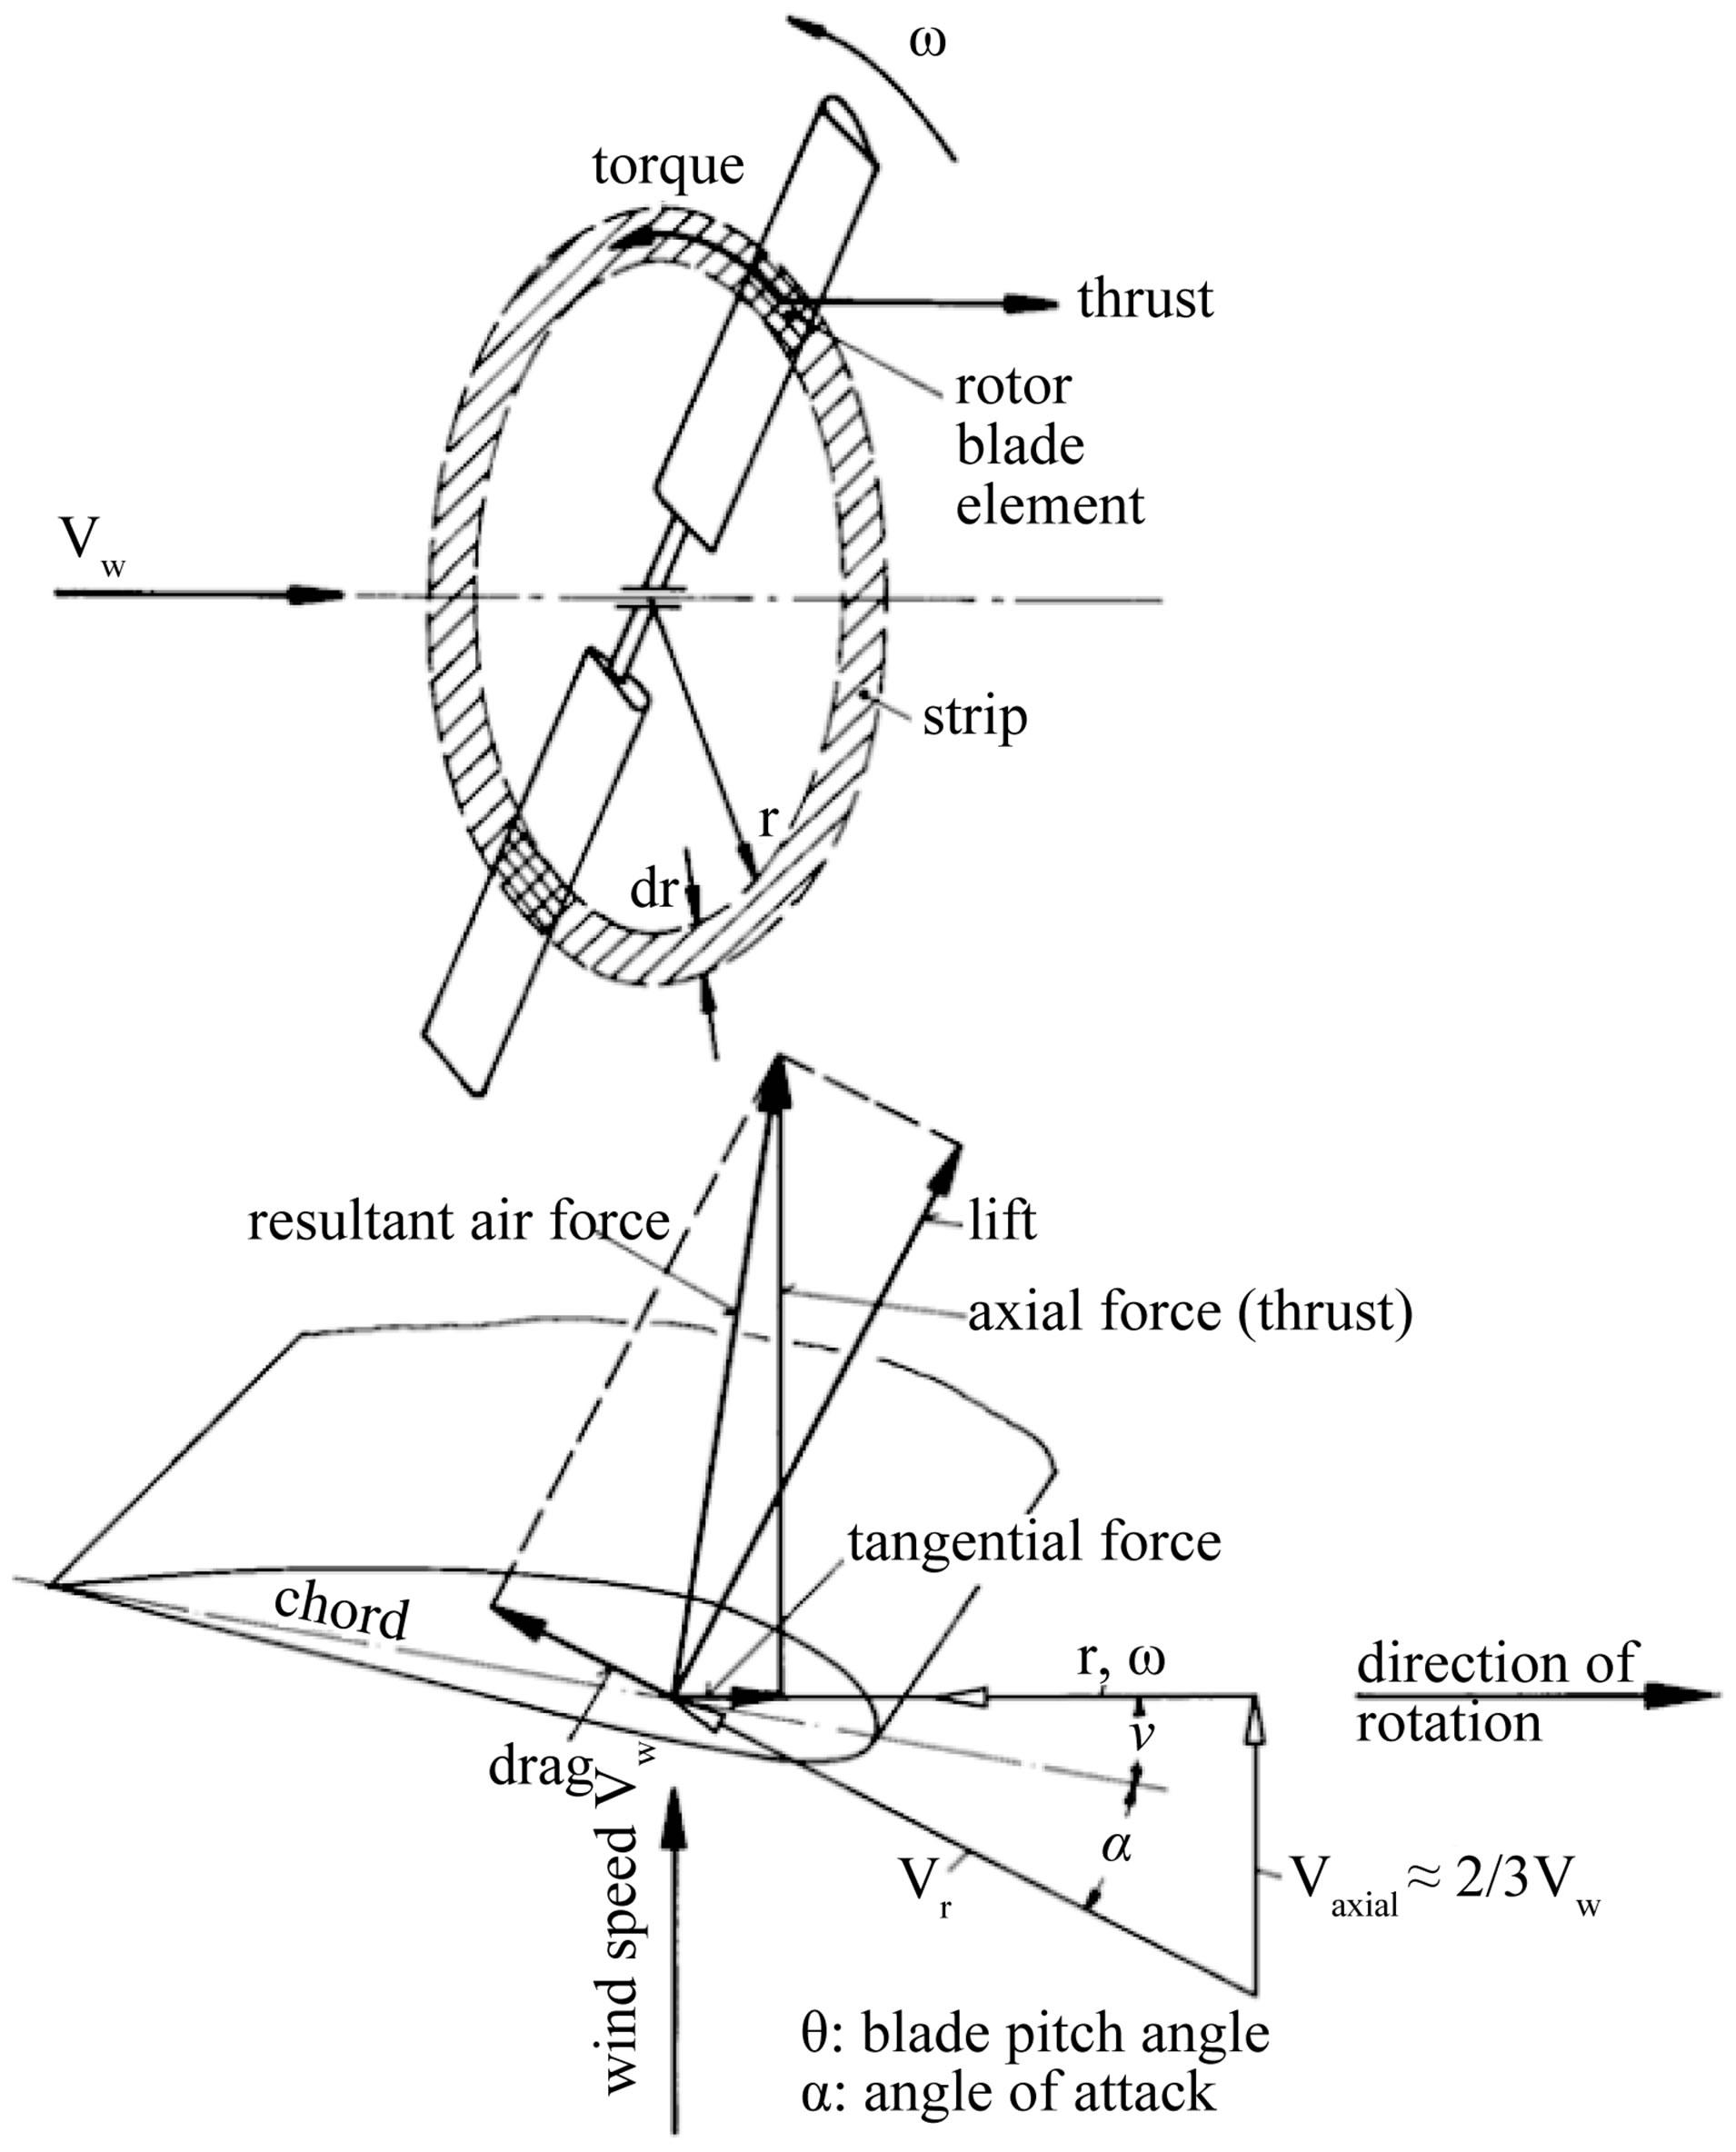 3 Axi Mill Diagram